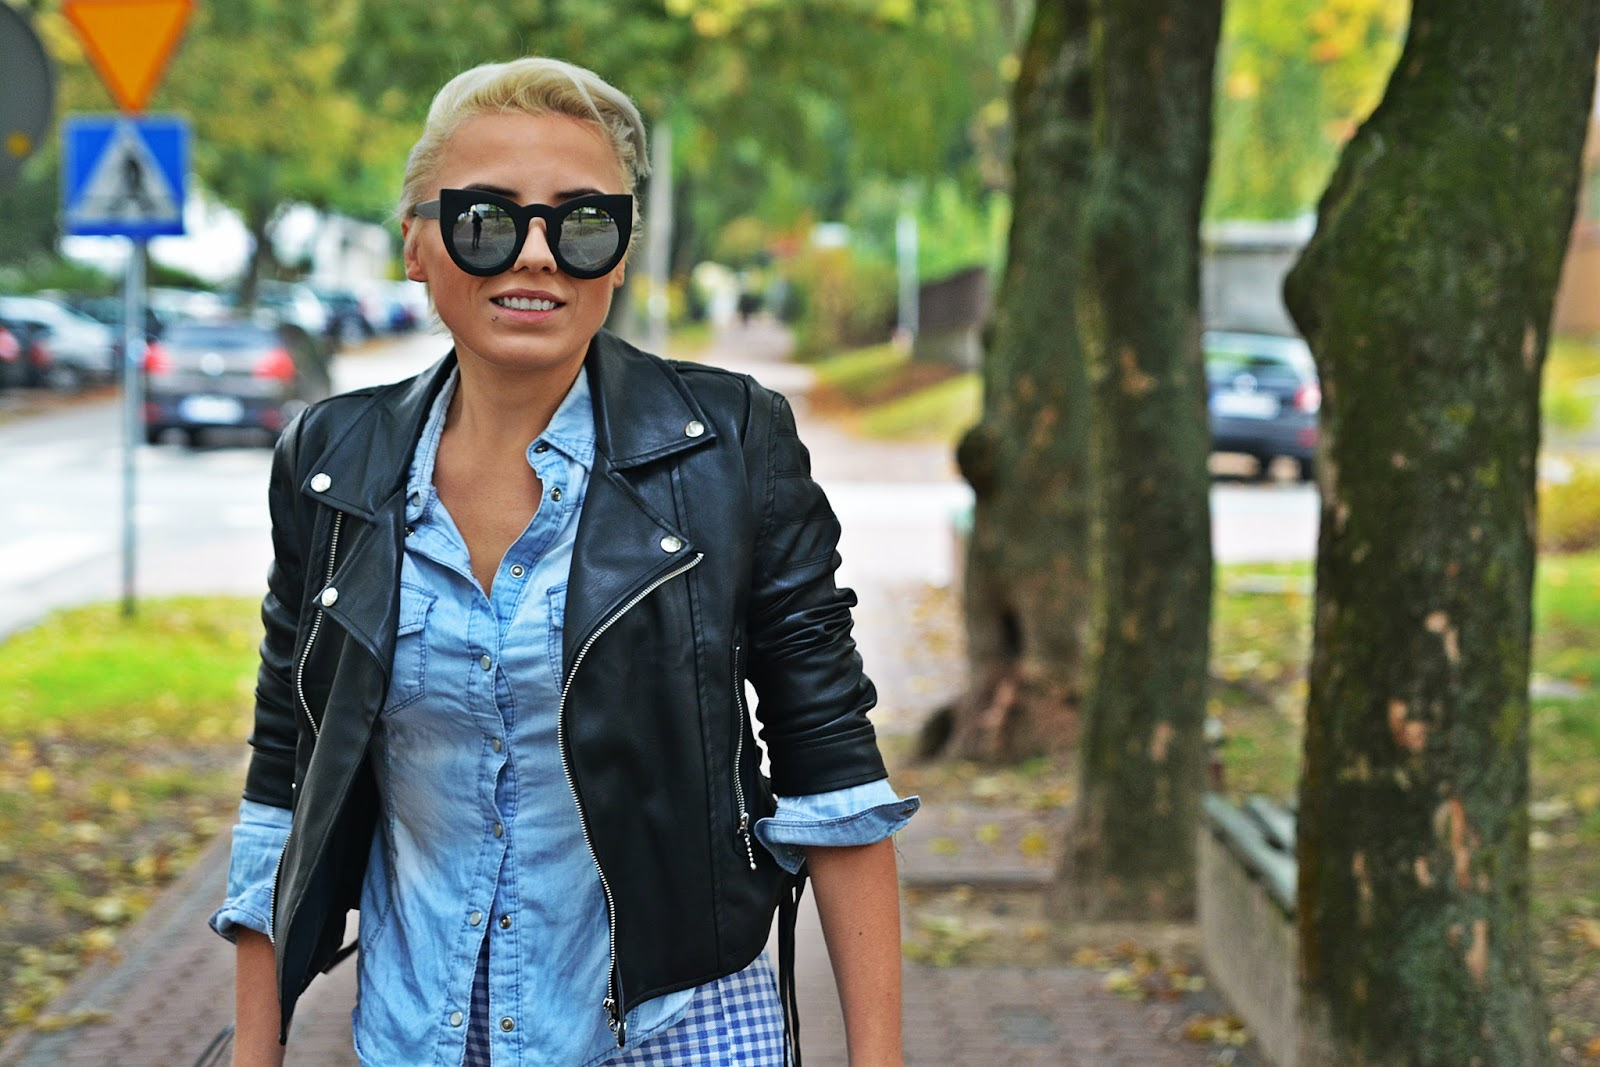 niebieskie_spodnie_ramoneska_czarna_kocie_okulary_1124